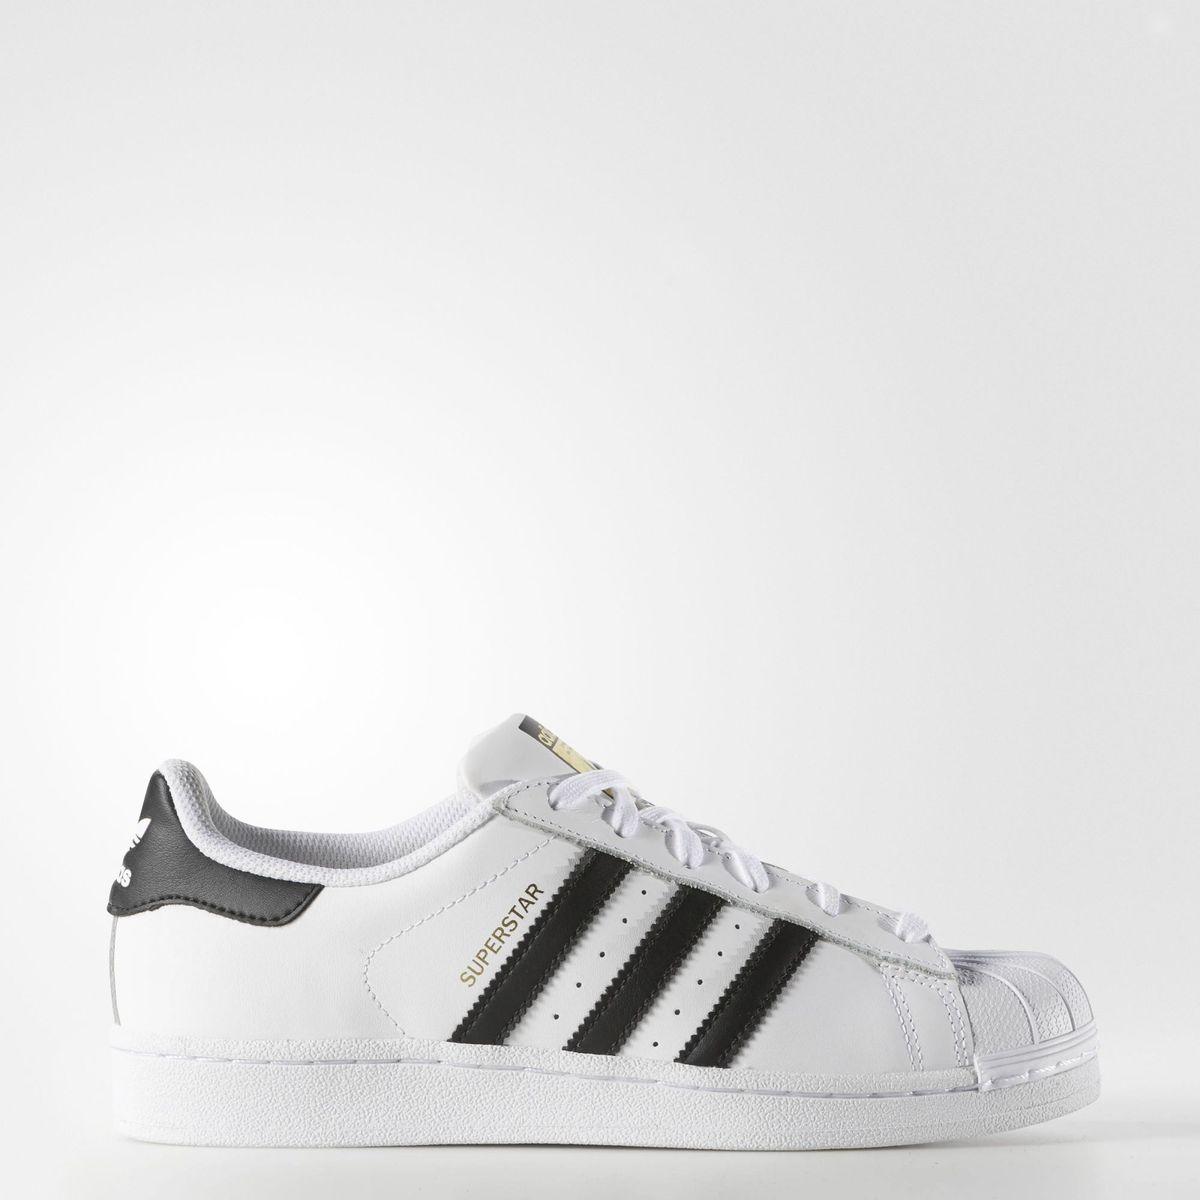 Adidas Originals Superstar Shoes, $80